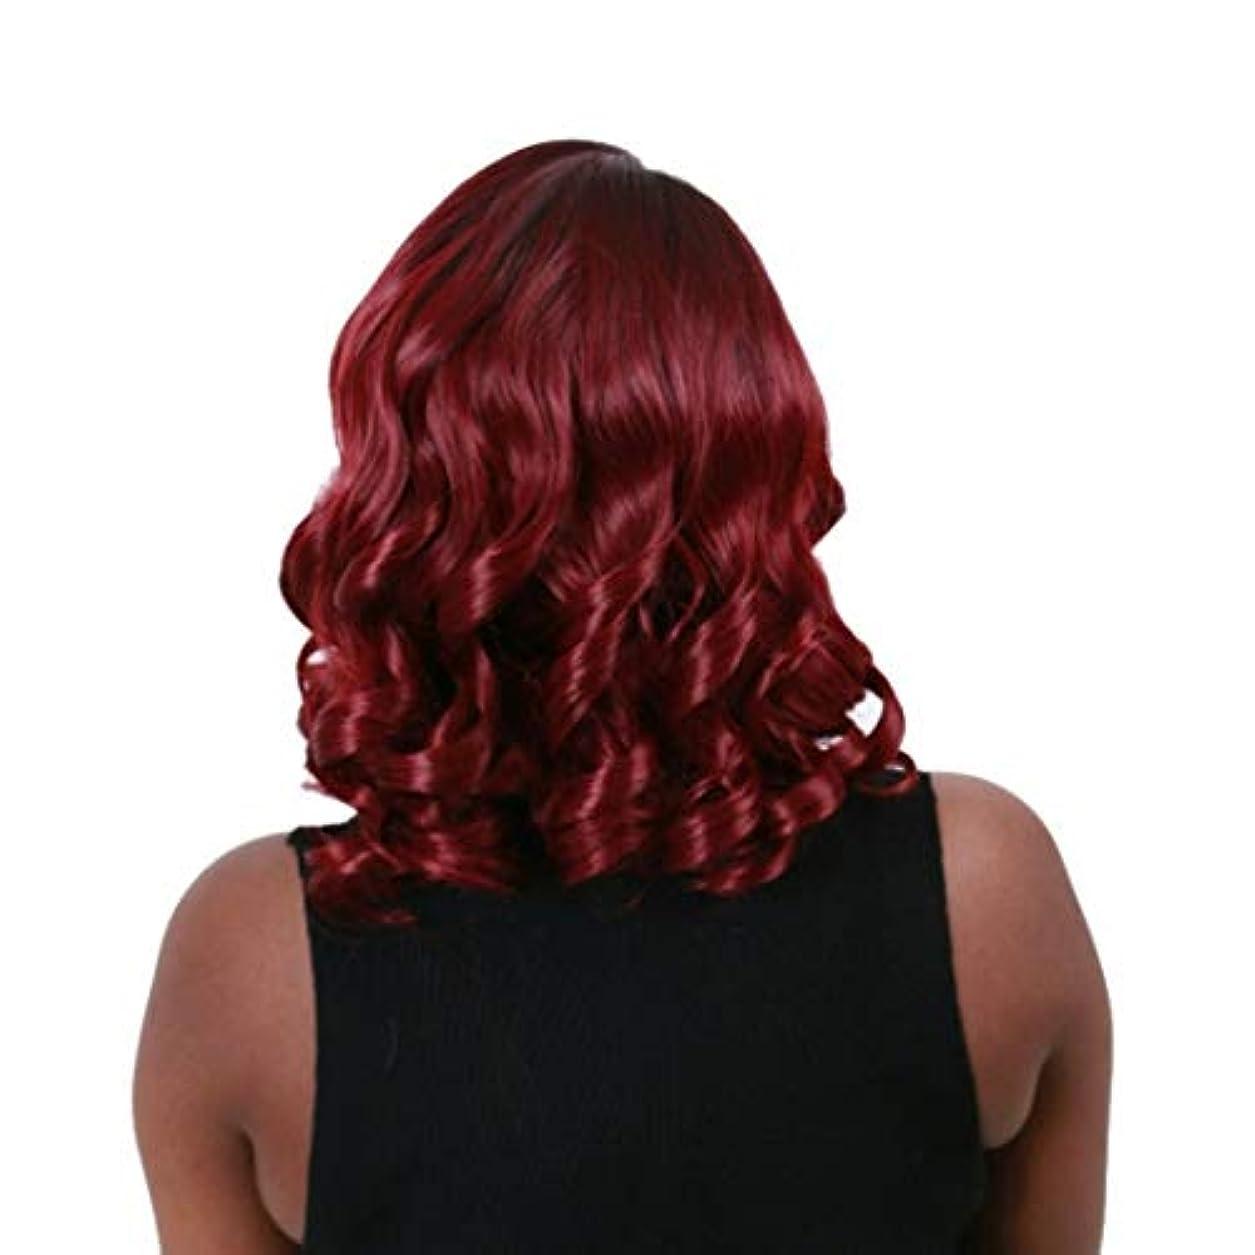 取り除く醸造所たるみKerwinner かつら女性のための傾斜前髪ショートカーリーヘアーワインレッド高温シルクウィッグ